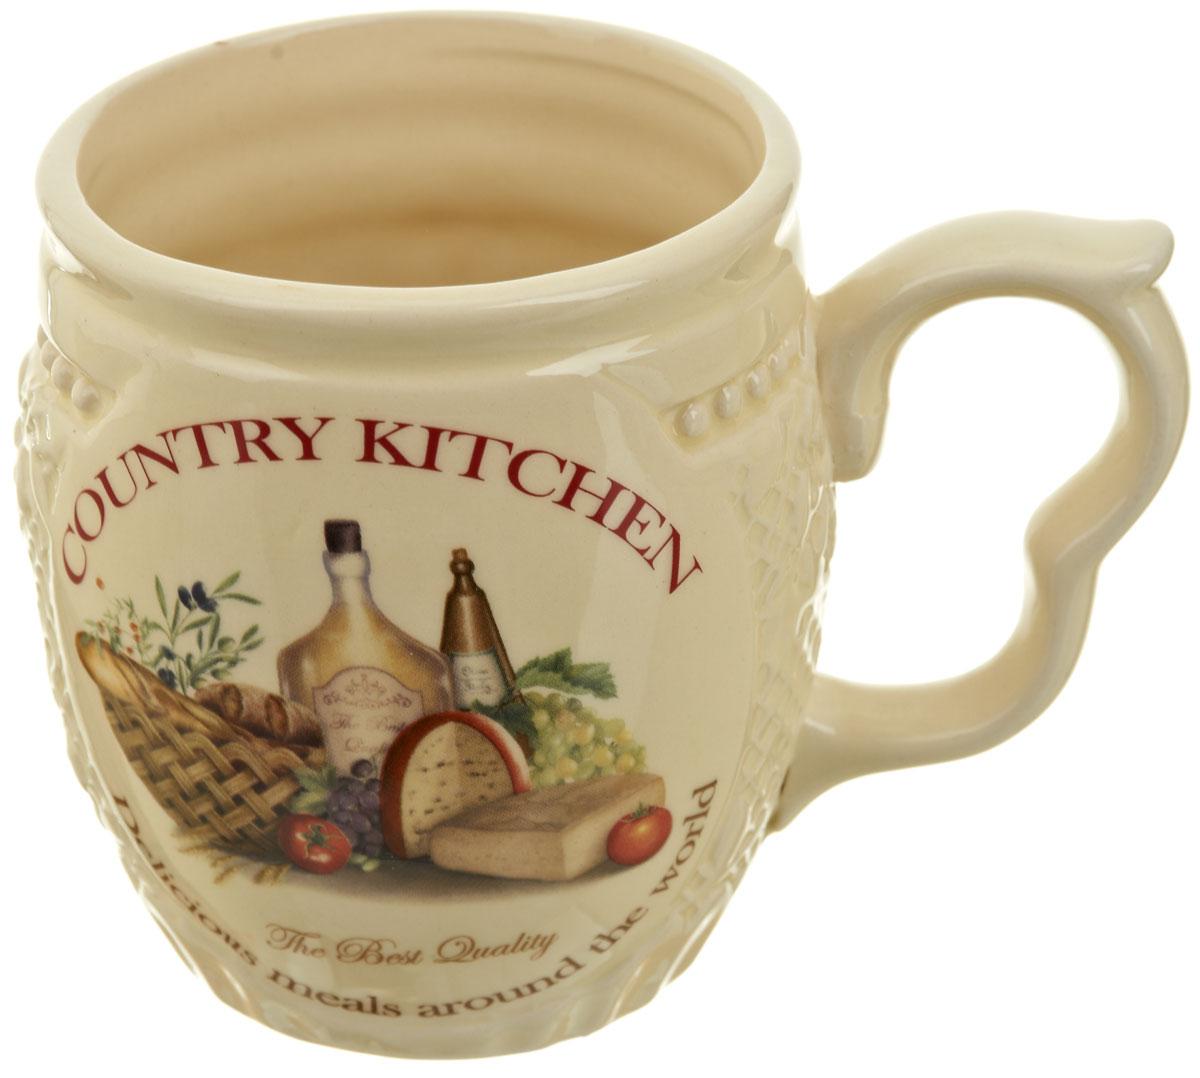 Кружка Polystar Country Kitchen, 480 мл115510Кружка Country Kitchen, выполненная из высококачественной керамики, декорирована оригинальным рисунком. Изделие оснащено изящной удобной ручкой. Кружка сочетает в себе оригинальный дизайн и функциональность. Благодаря такой кружке пить напитки будет еще вкуснее.